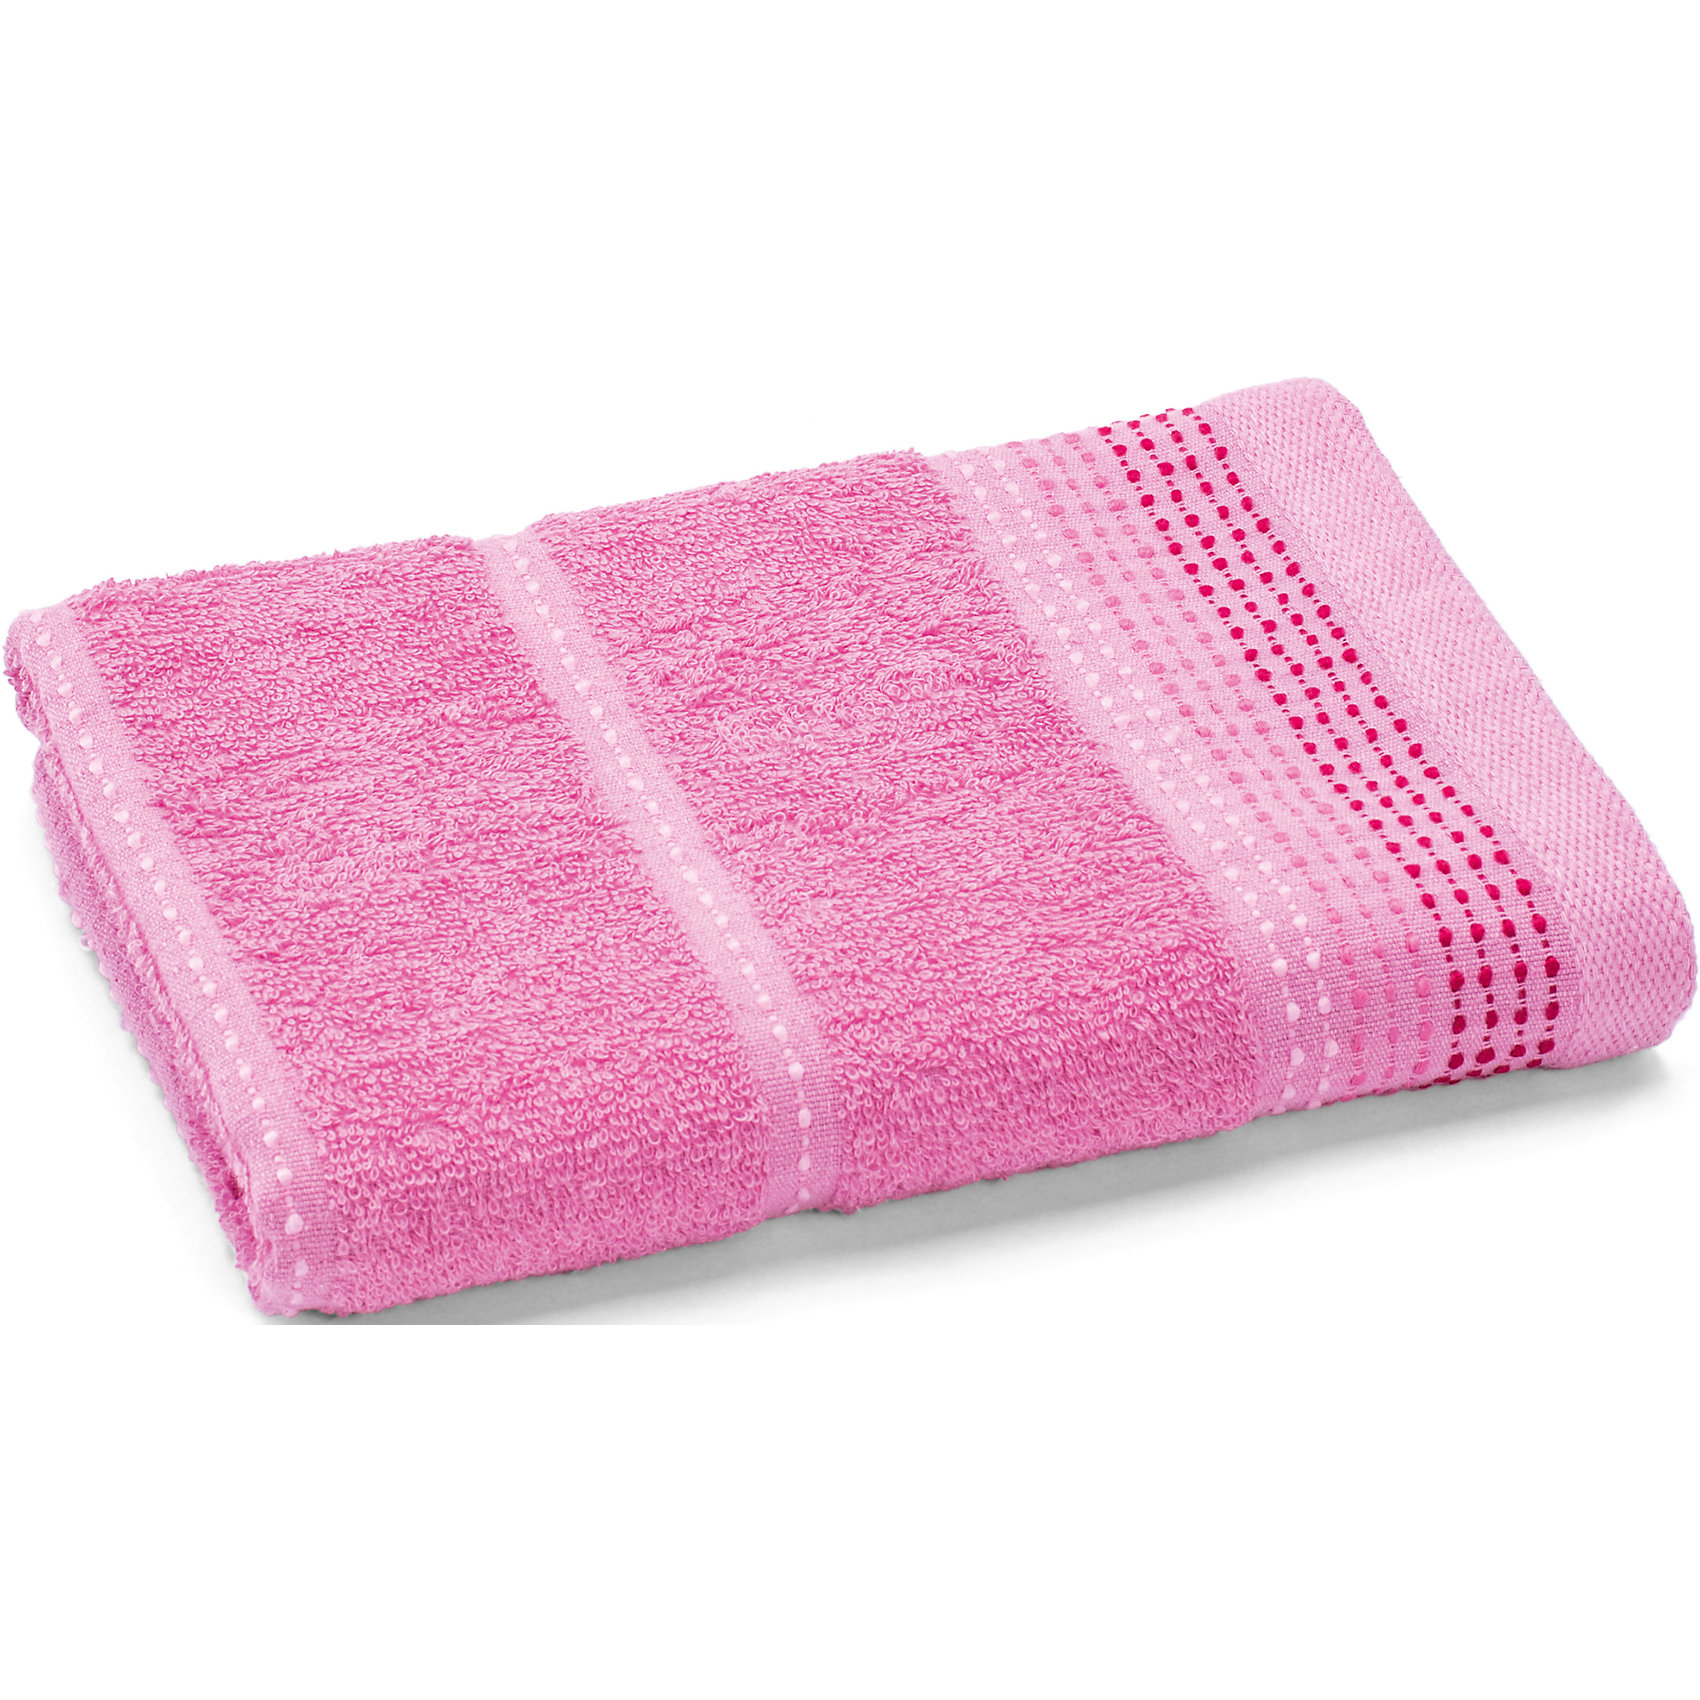 Полотенце махровое Клео 60*130, Любимый дом, розовыйМахровое полотенце Клео очень мягкое и приятное телу. Оно изготовлено из качественного хлопка, отлично впитывает влагу. Полотенце украшено контрастной вышивкой по краю. Отлично впишется в вашу ванную комнату.<br><br>Дополнительная информация:<br>Материал: 100% хлопок<br>Цвет: розовый<br>Размер: 60х130 см<br>Торговая марка: Любимый дом<br><br>Вы можете приобрести махровое полотенце Клео в нашем интернет-магазине.<br><br>Ширина мм: 500<br>Глубина мм: 500<br>Высота мм: 200<br>Вес г: 300<br>Возраст от месяцев: 0<br>Возраст до месяцев: 144<br>Пол: Унисекс<br>Возраст: Детский<br>SKU: 5010972